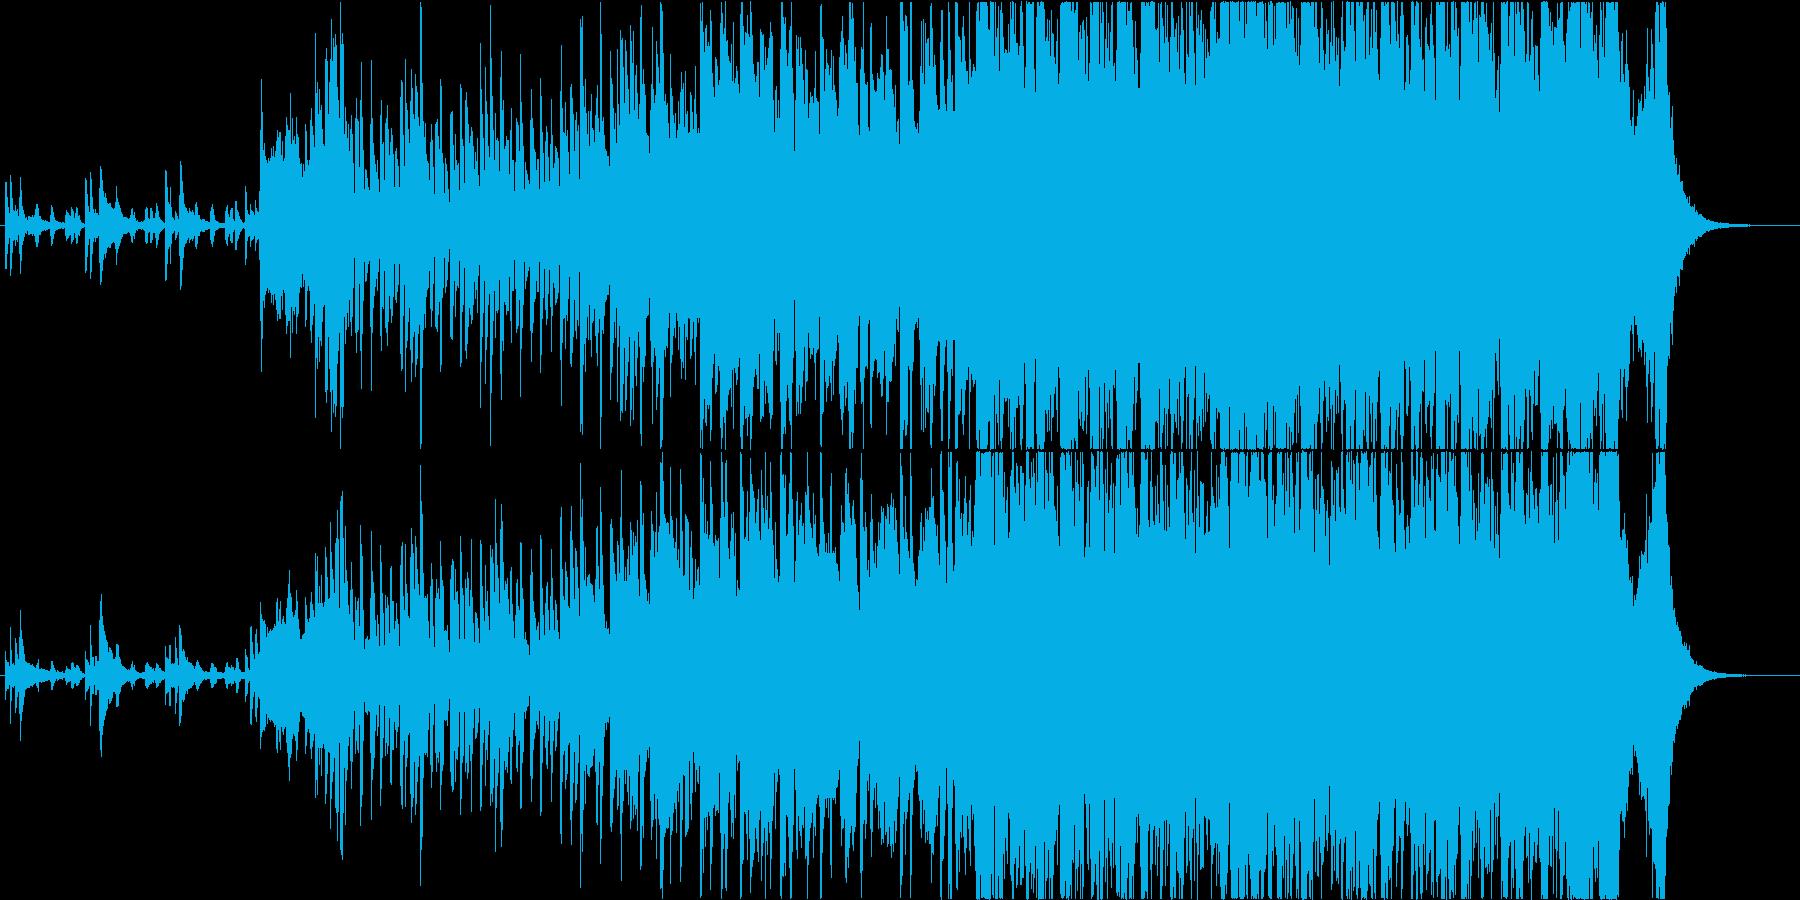 映像】疾走感、壮大感 ピアノオーケストラの再生済みの波形